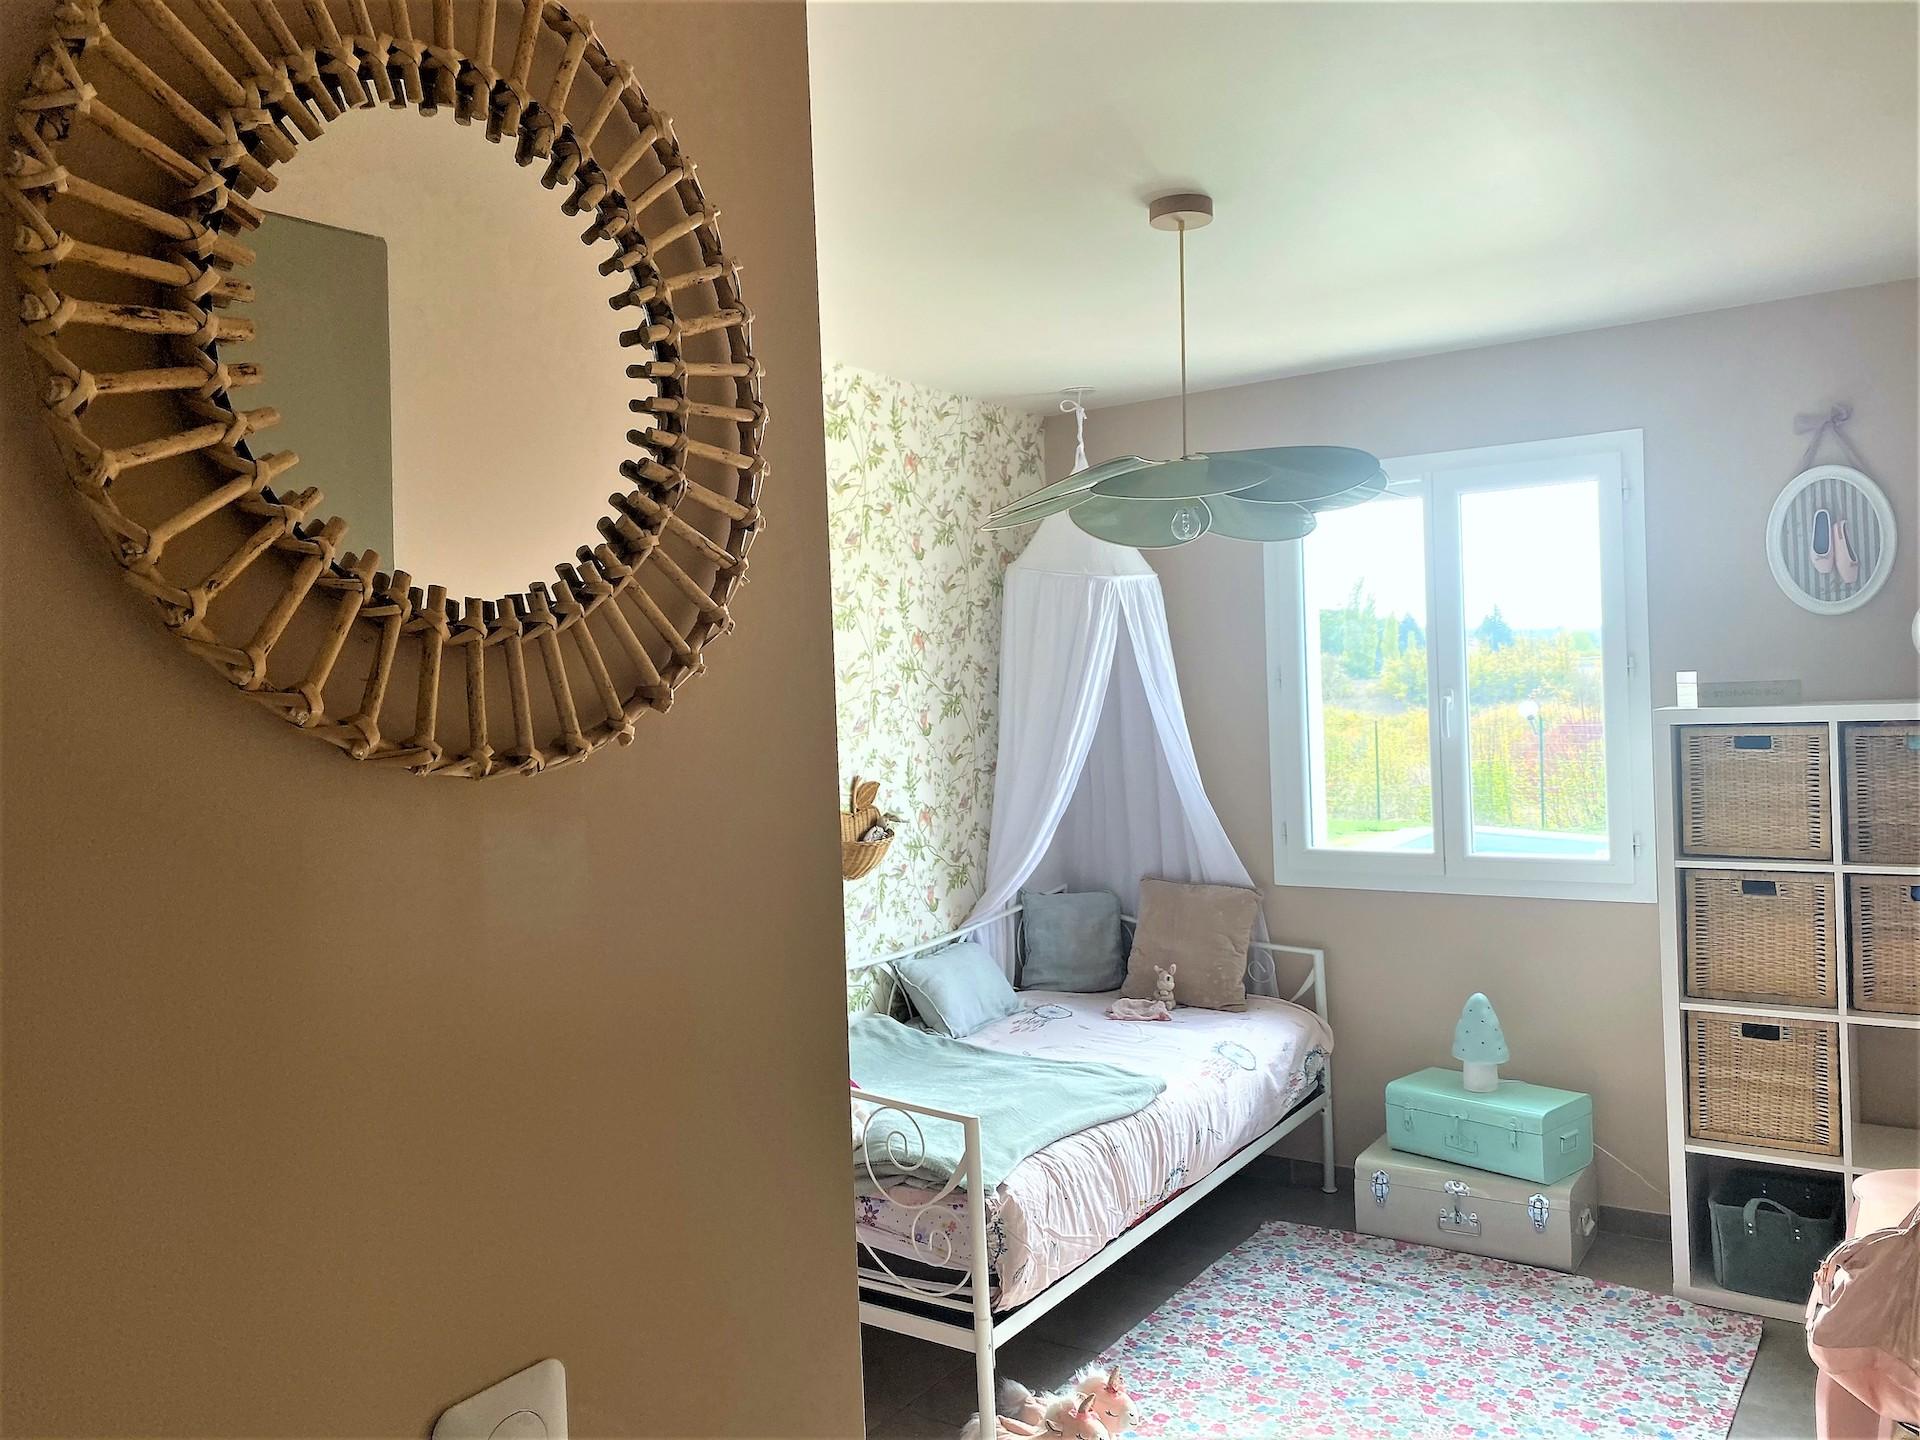 Décoration et agencement Villa à Saint Maximin la Sainte baume- La chambre fille avec miroir en rotin, par Myll décors , Agence de décoration à Aix en provence et dans le Var